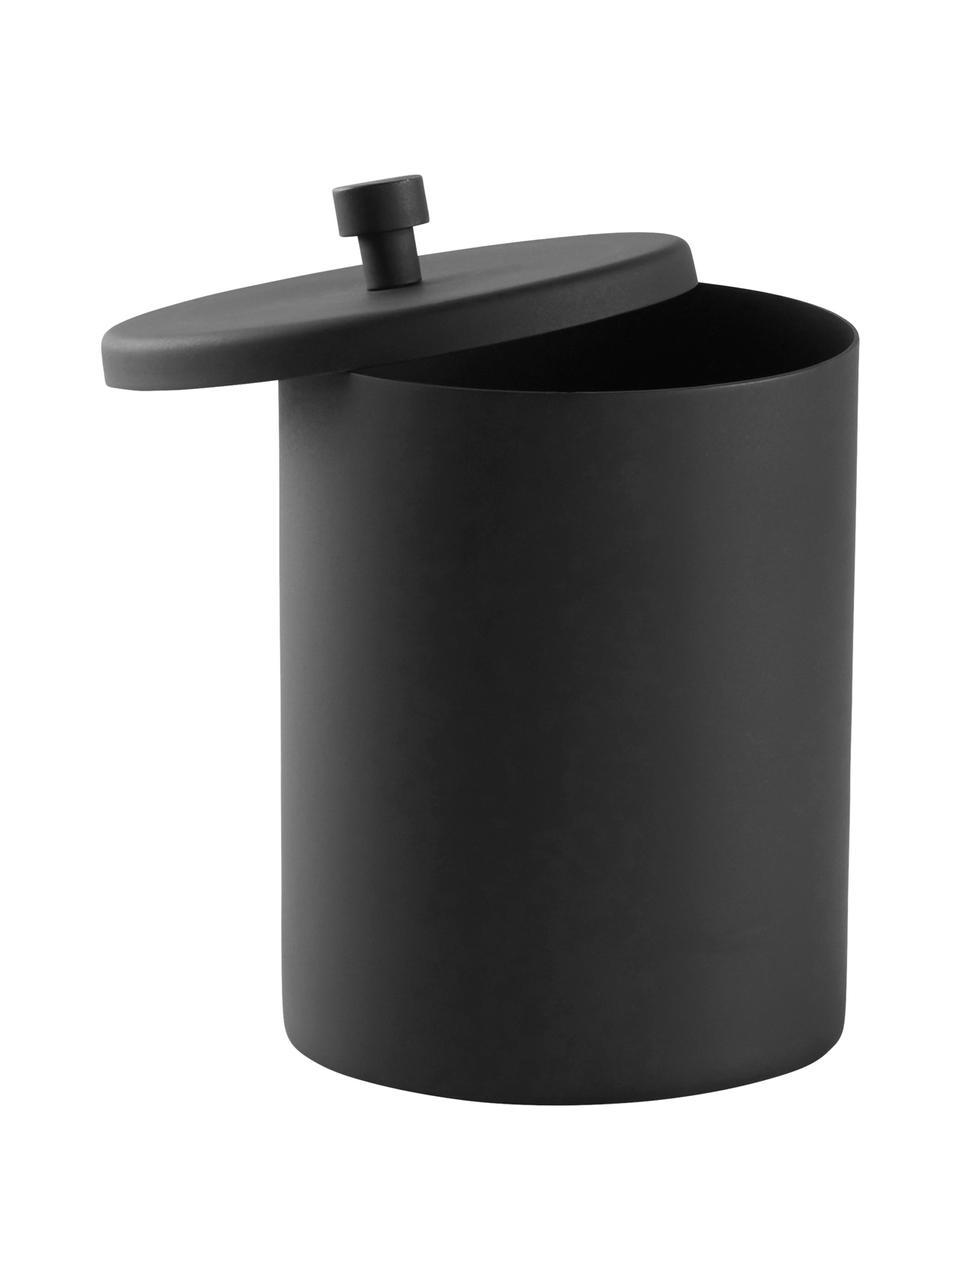 Aufbewahrungsdose Sasha, Metall, beschichtet, Schwarz, Ø 10 x H 14 cm